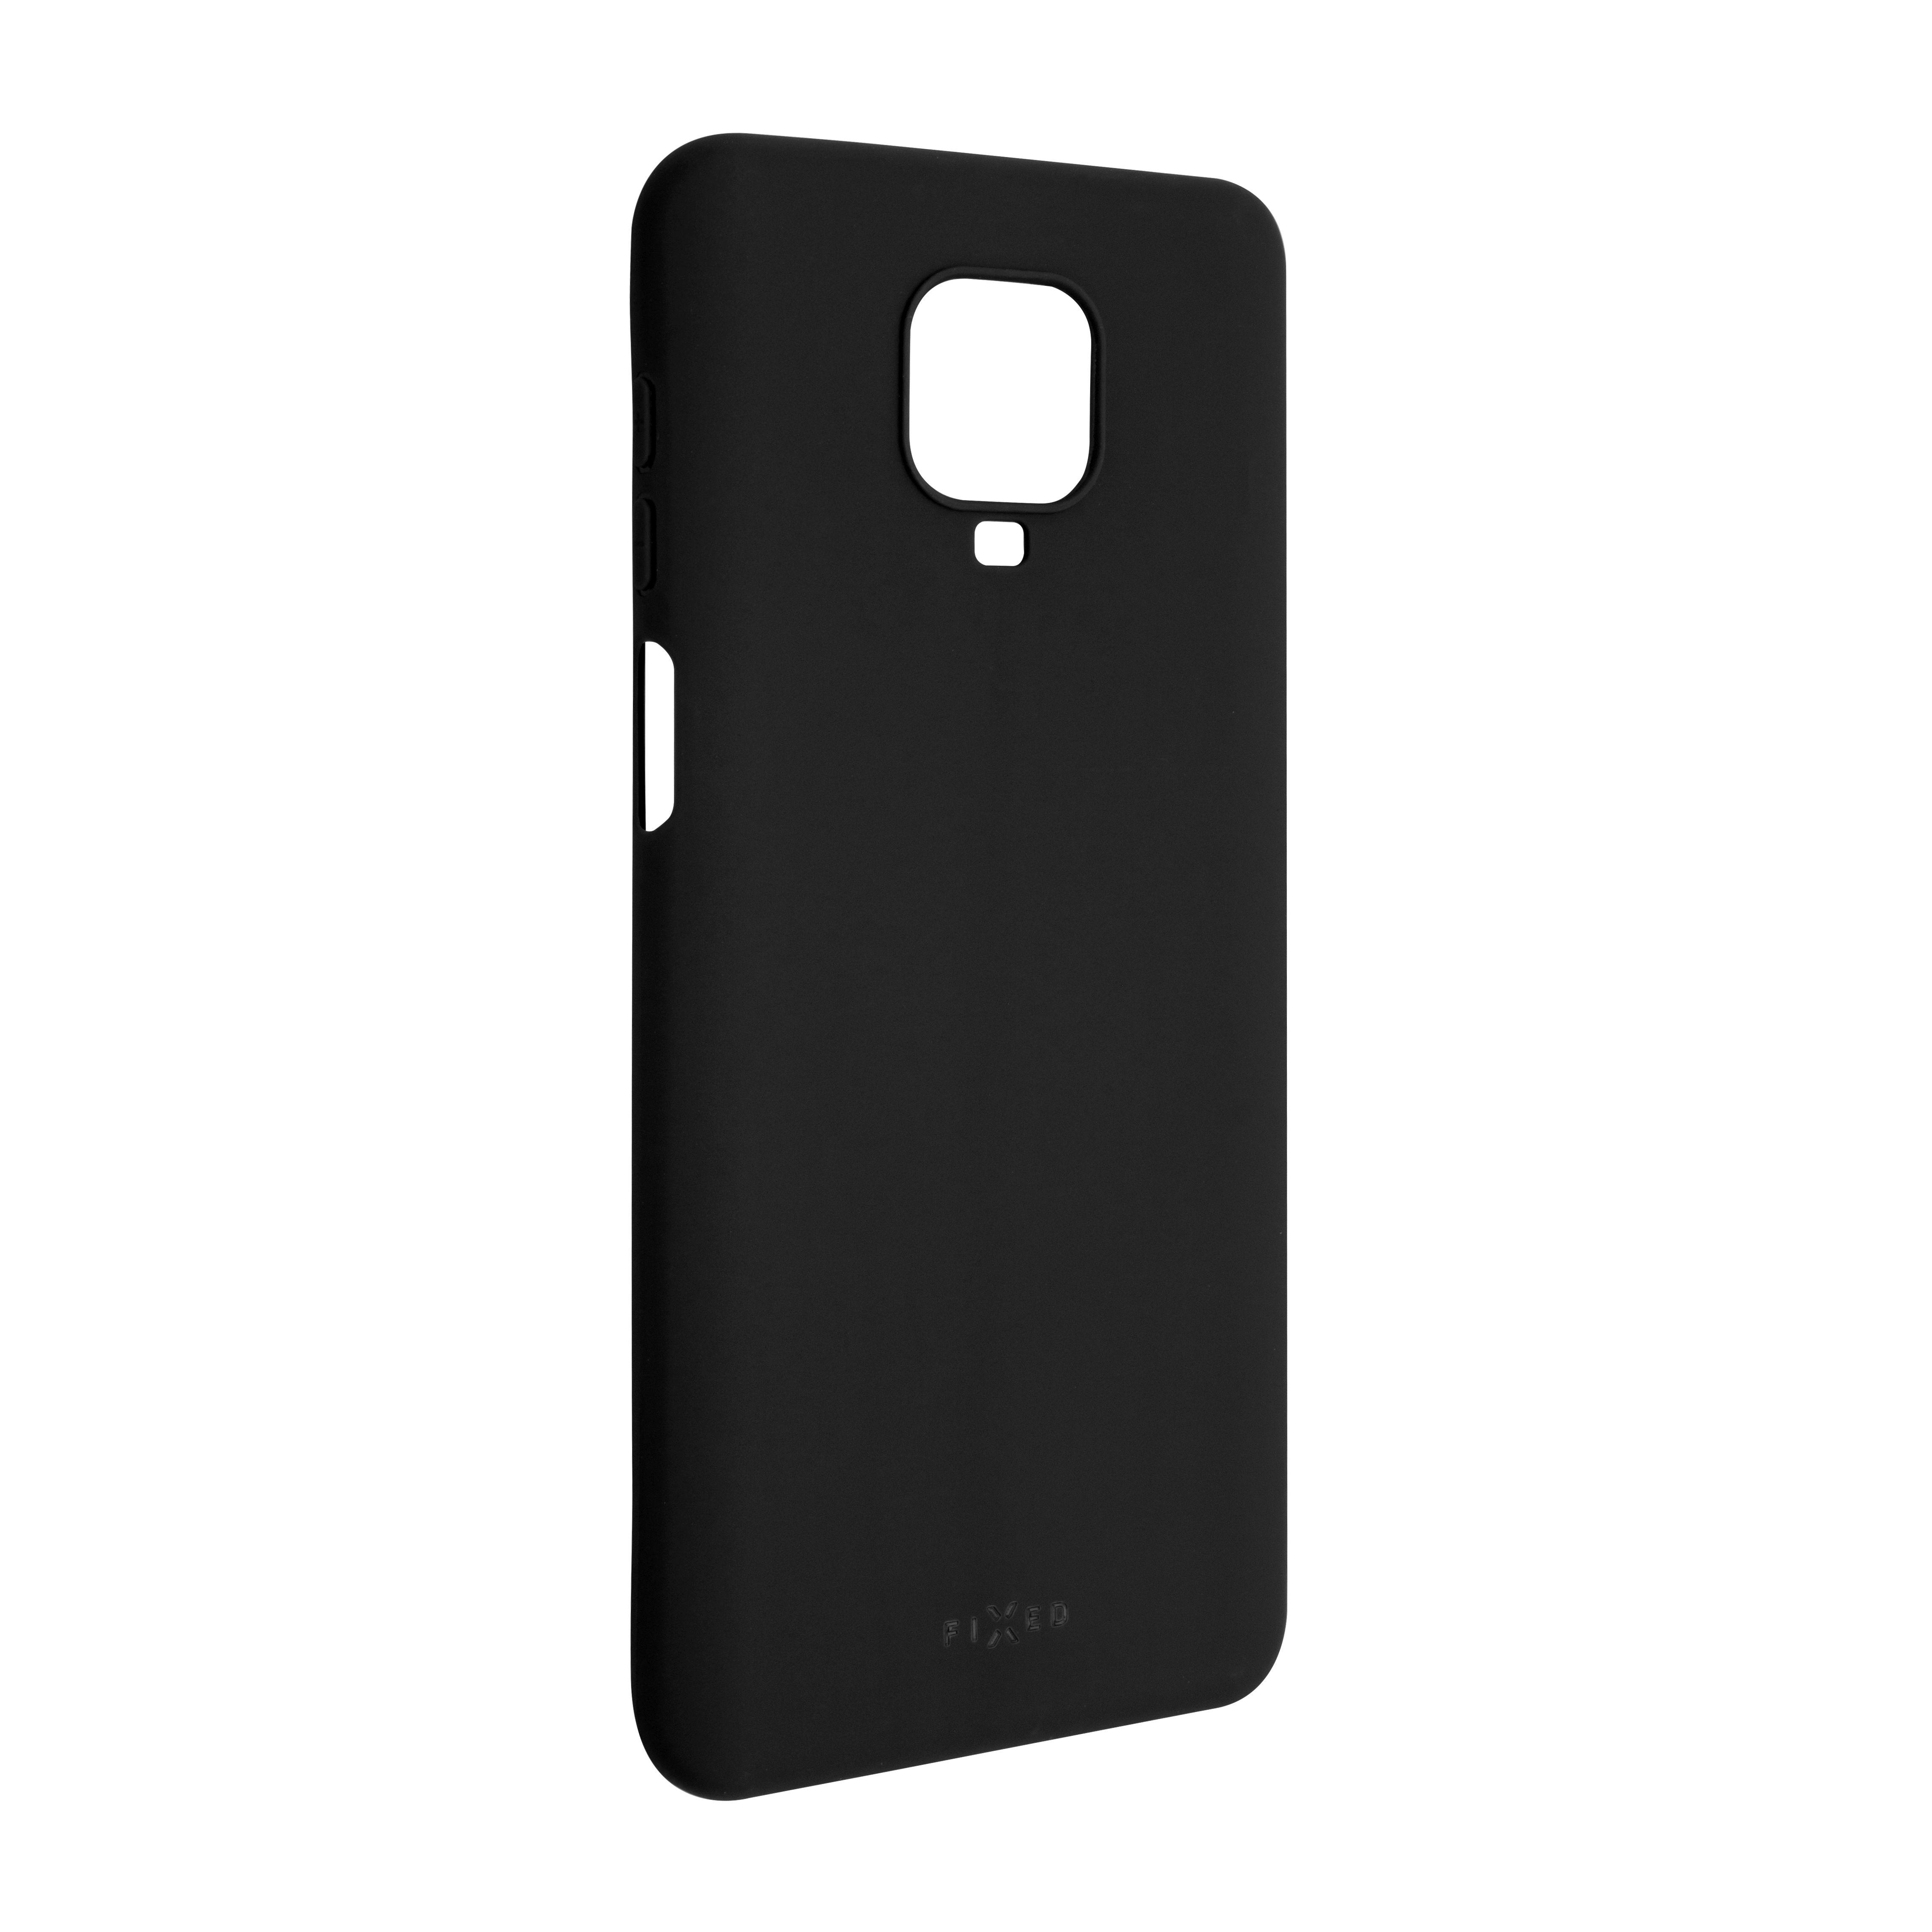 Zadní pogumovaný kryt FIXED Story pro Redmi Note 9 Pro/9 Pro Max/Note 9S, černý